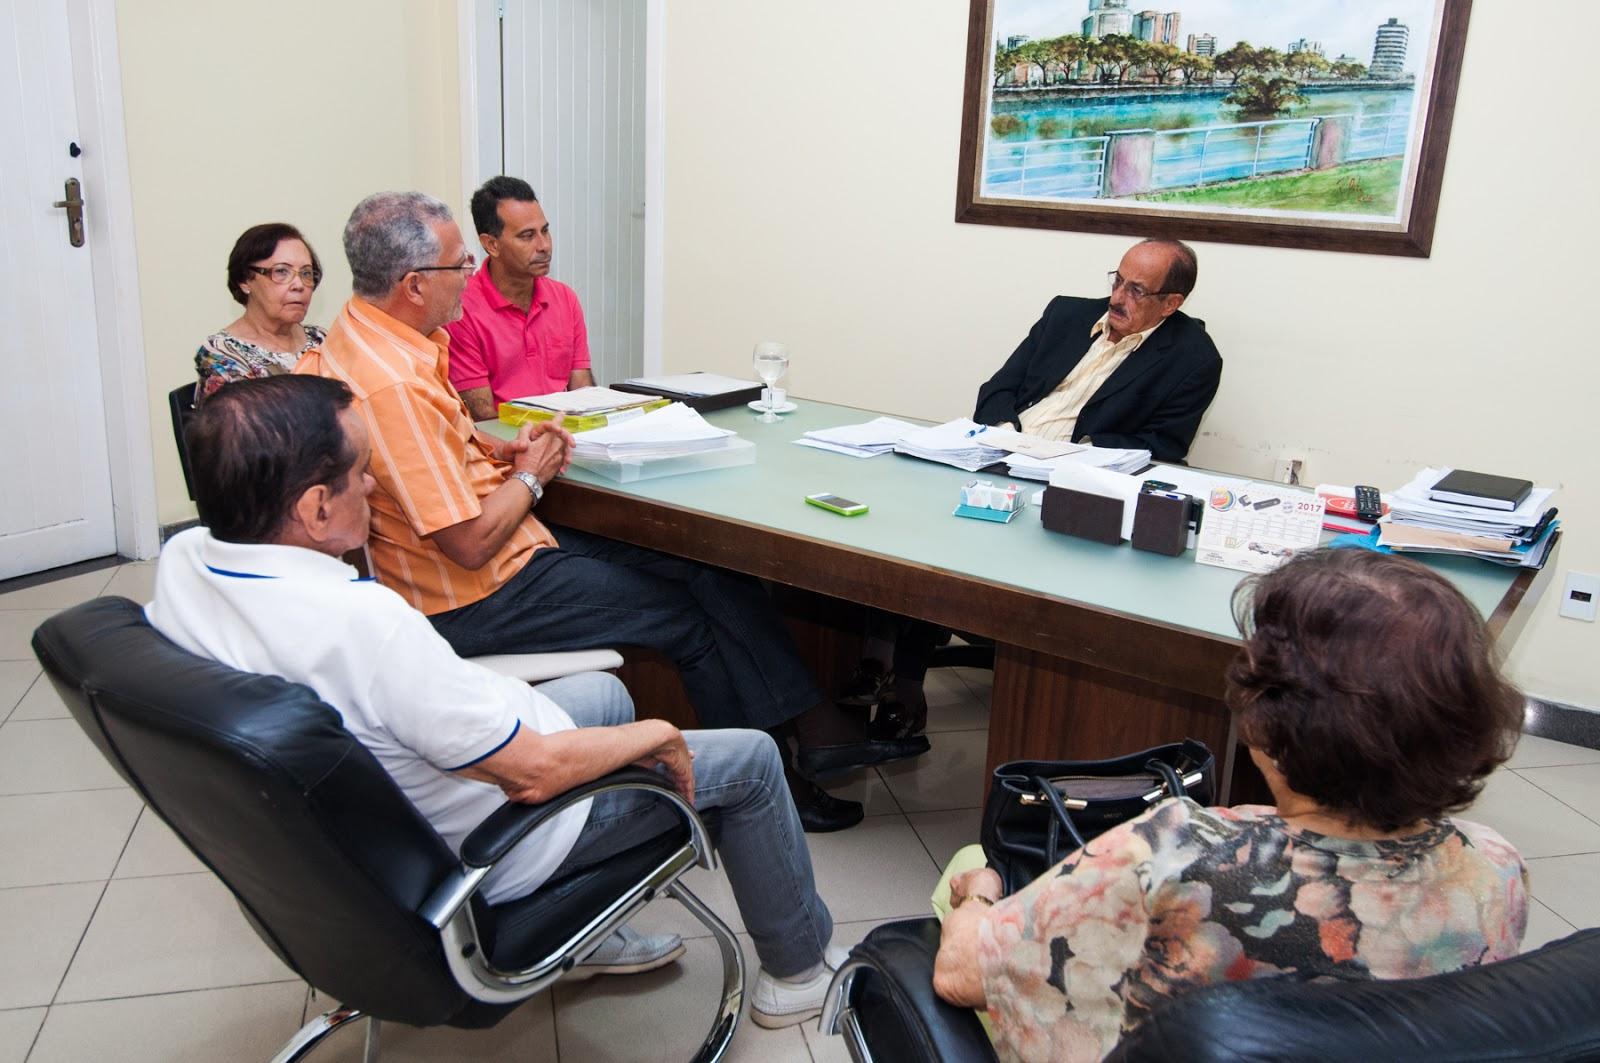 ... Gomes recebeu em audiência na quinta-feira (16), em seu gabinete, no  Centro Administrativo, médicos do Centro Médico Pediátrico de Itabuna  (Cemepi). 12a6630a0f